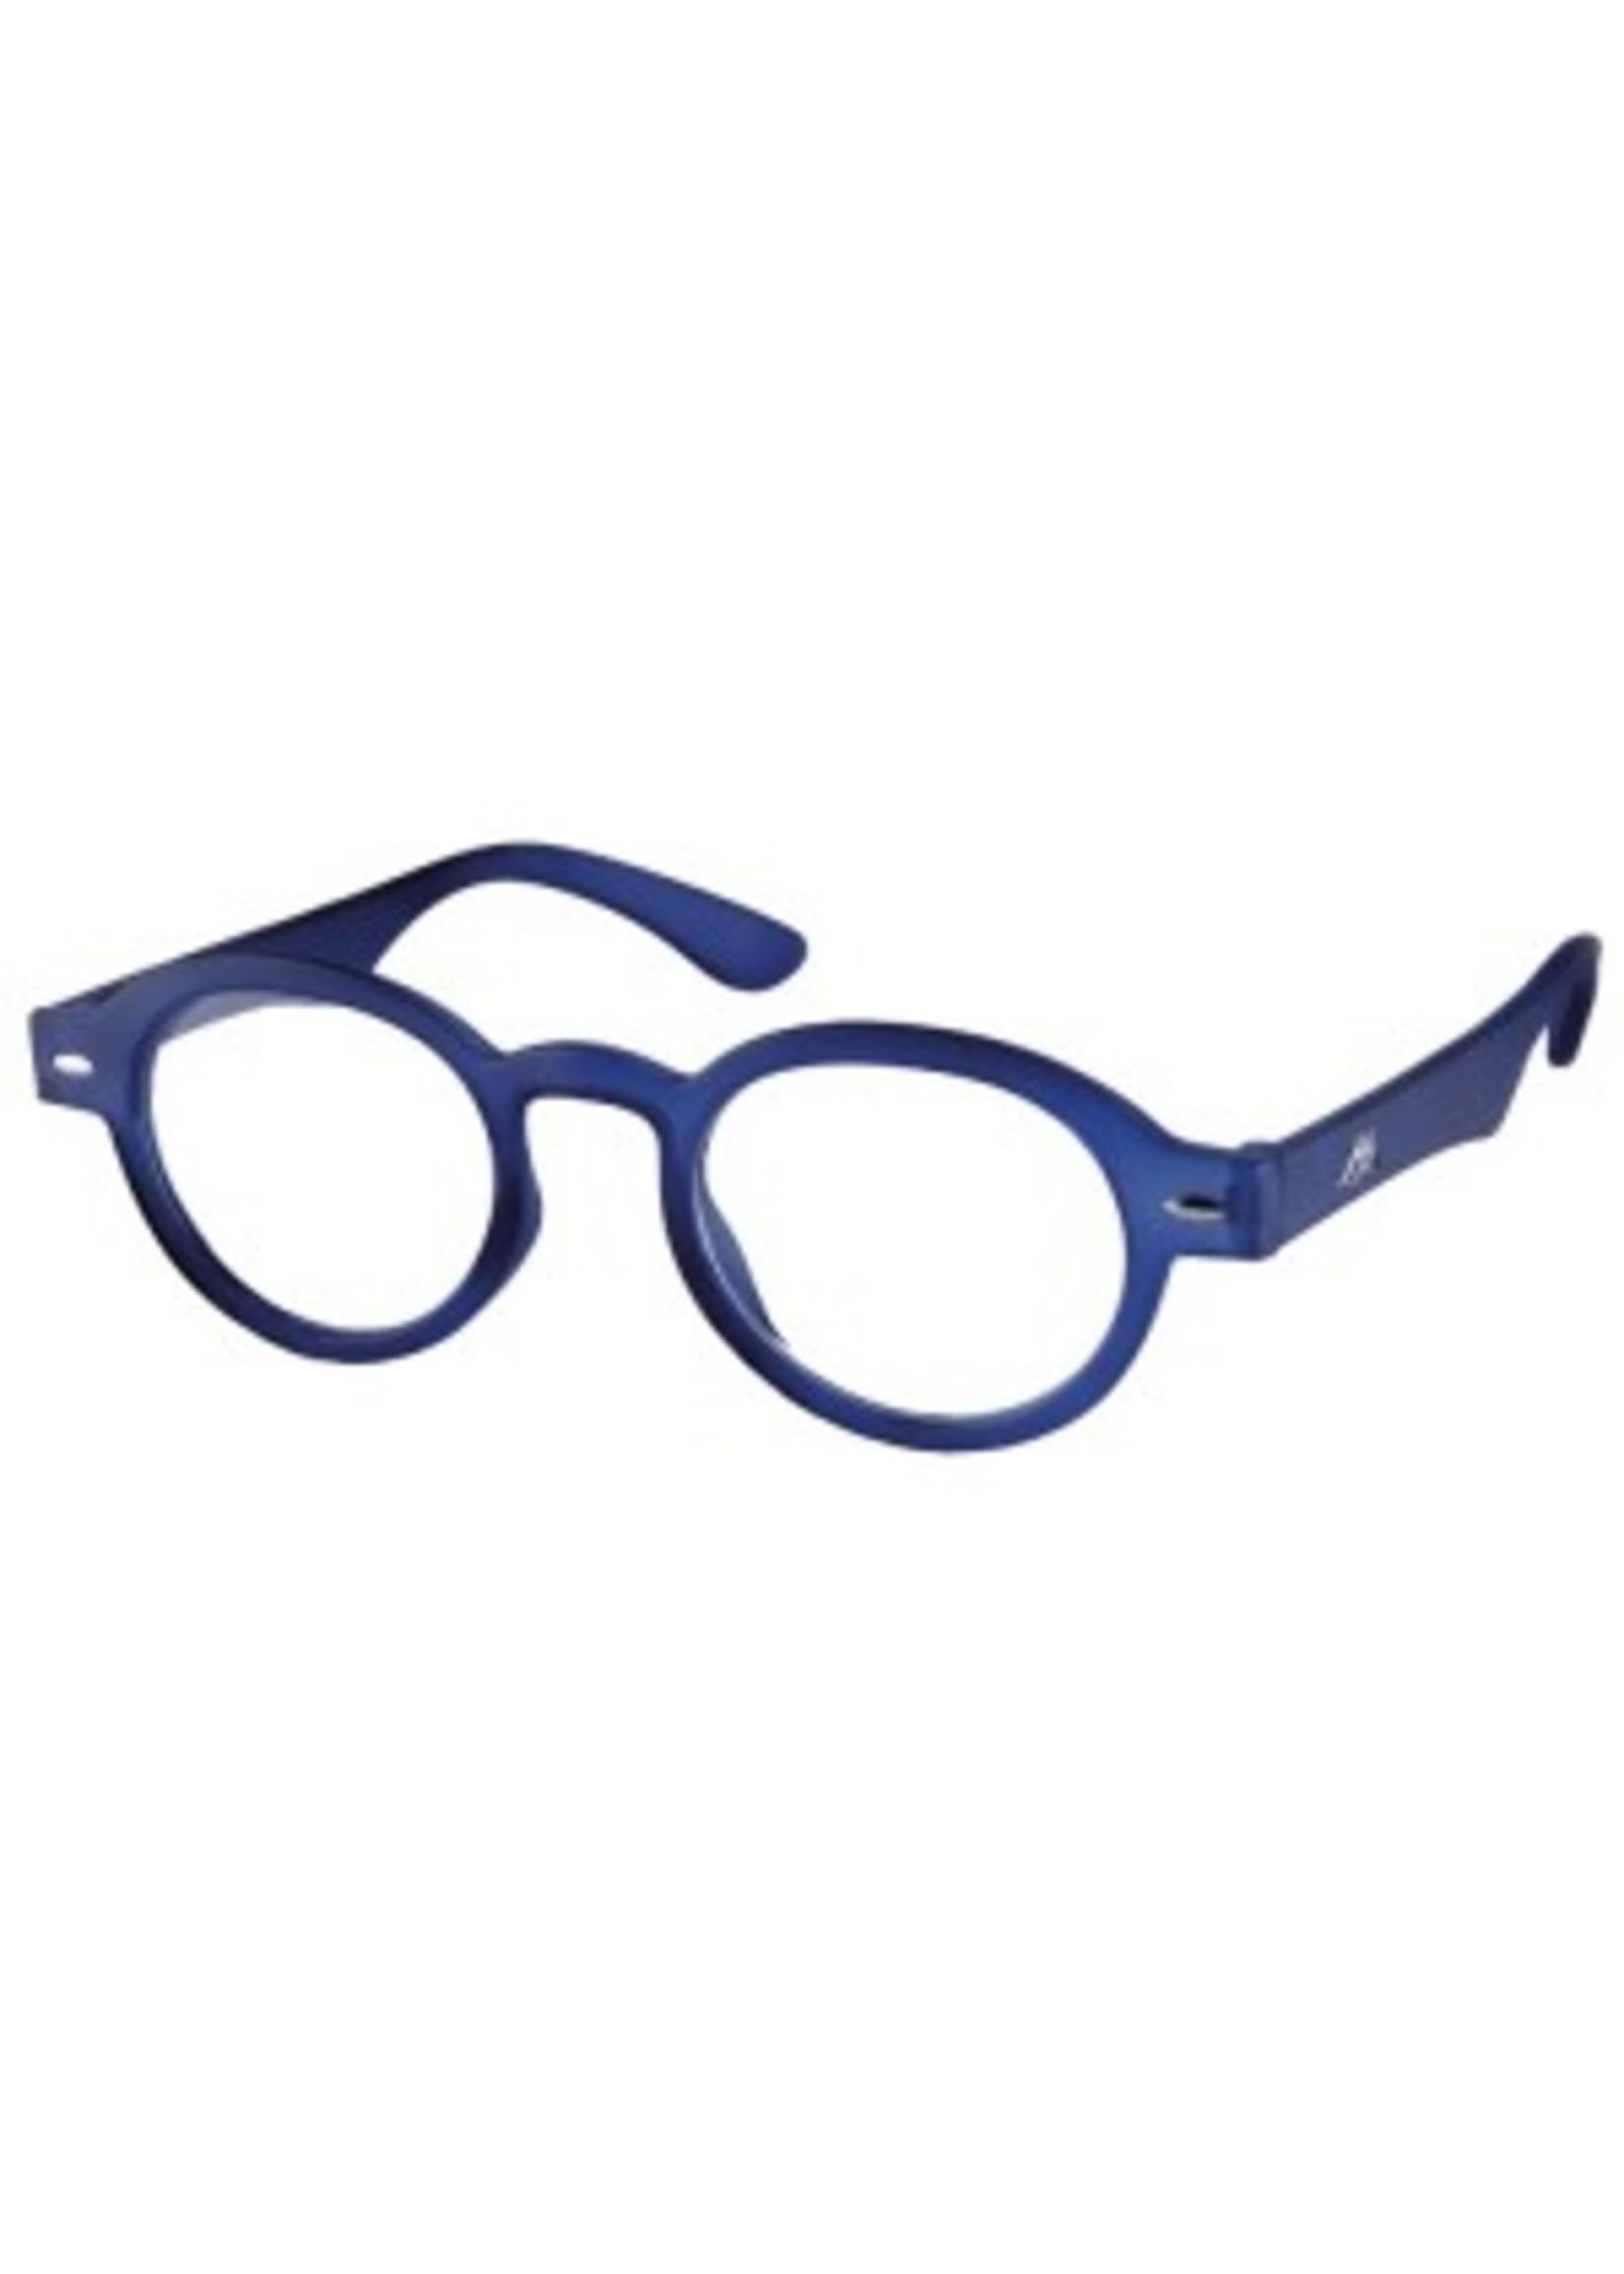 Dokters leesbril in blauw